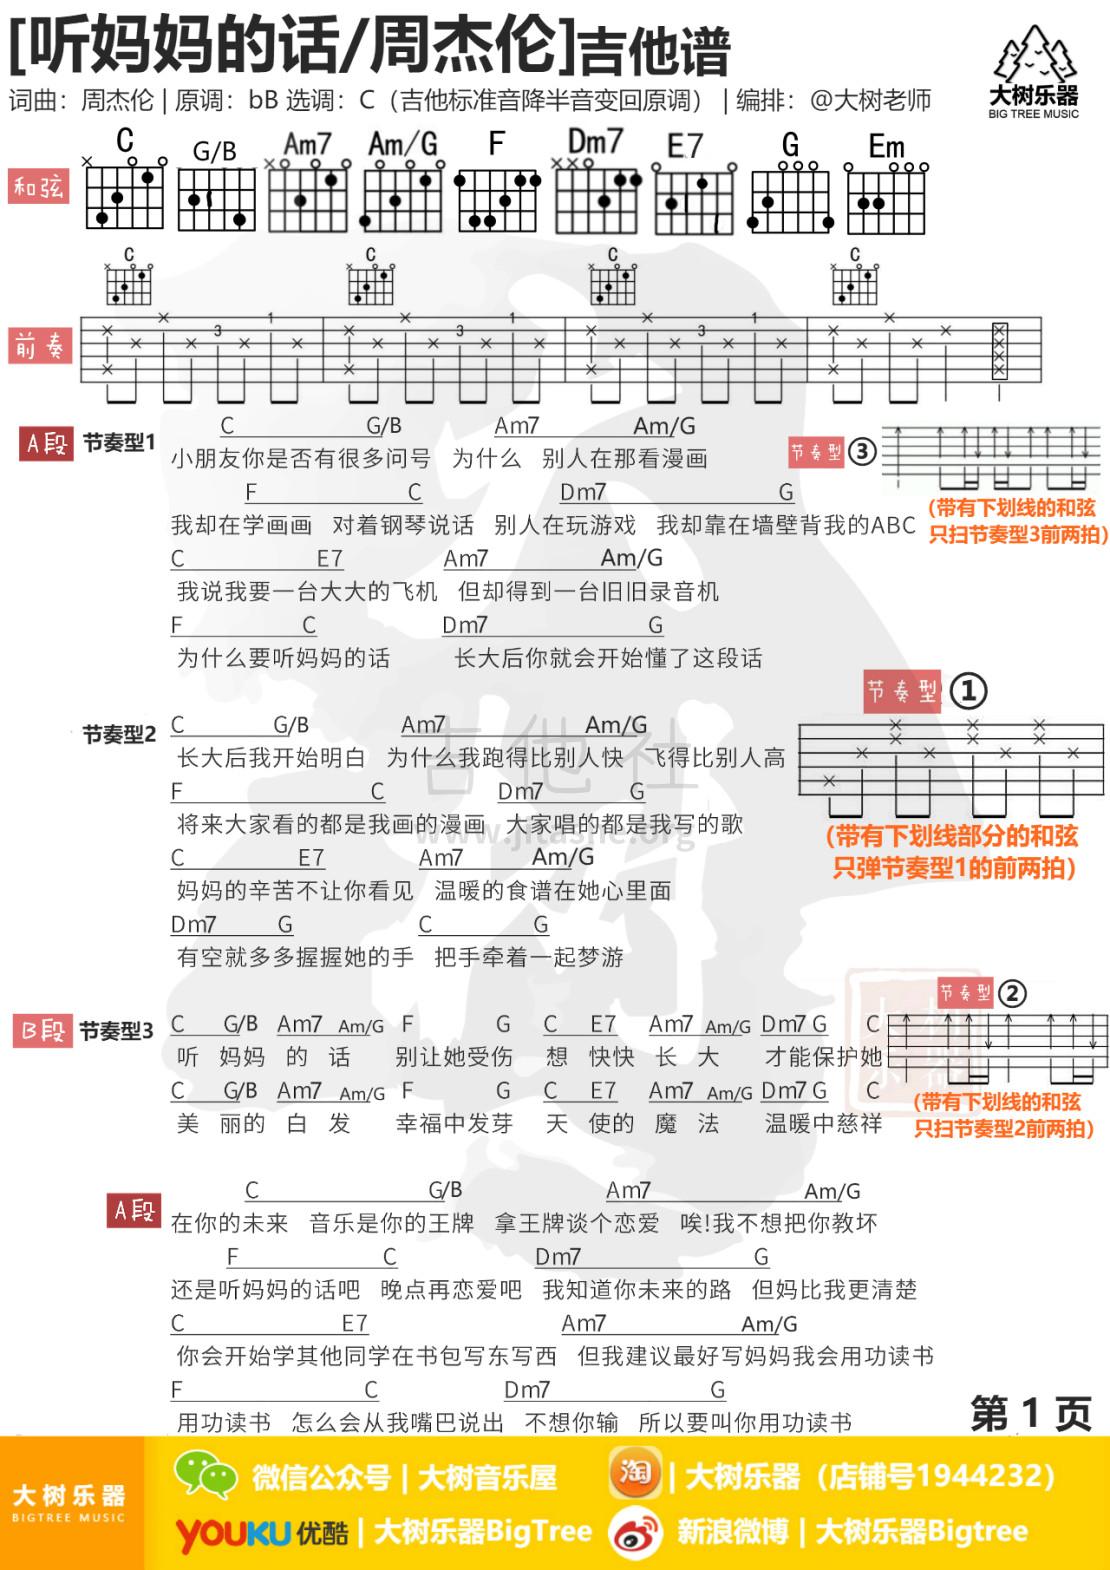 听妈妈的话吉他谱(图片谱,弹唱,伴奏,教学)_周杰伦(Jay Chou)_1111111111111111111111111111111111111111.jpg